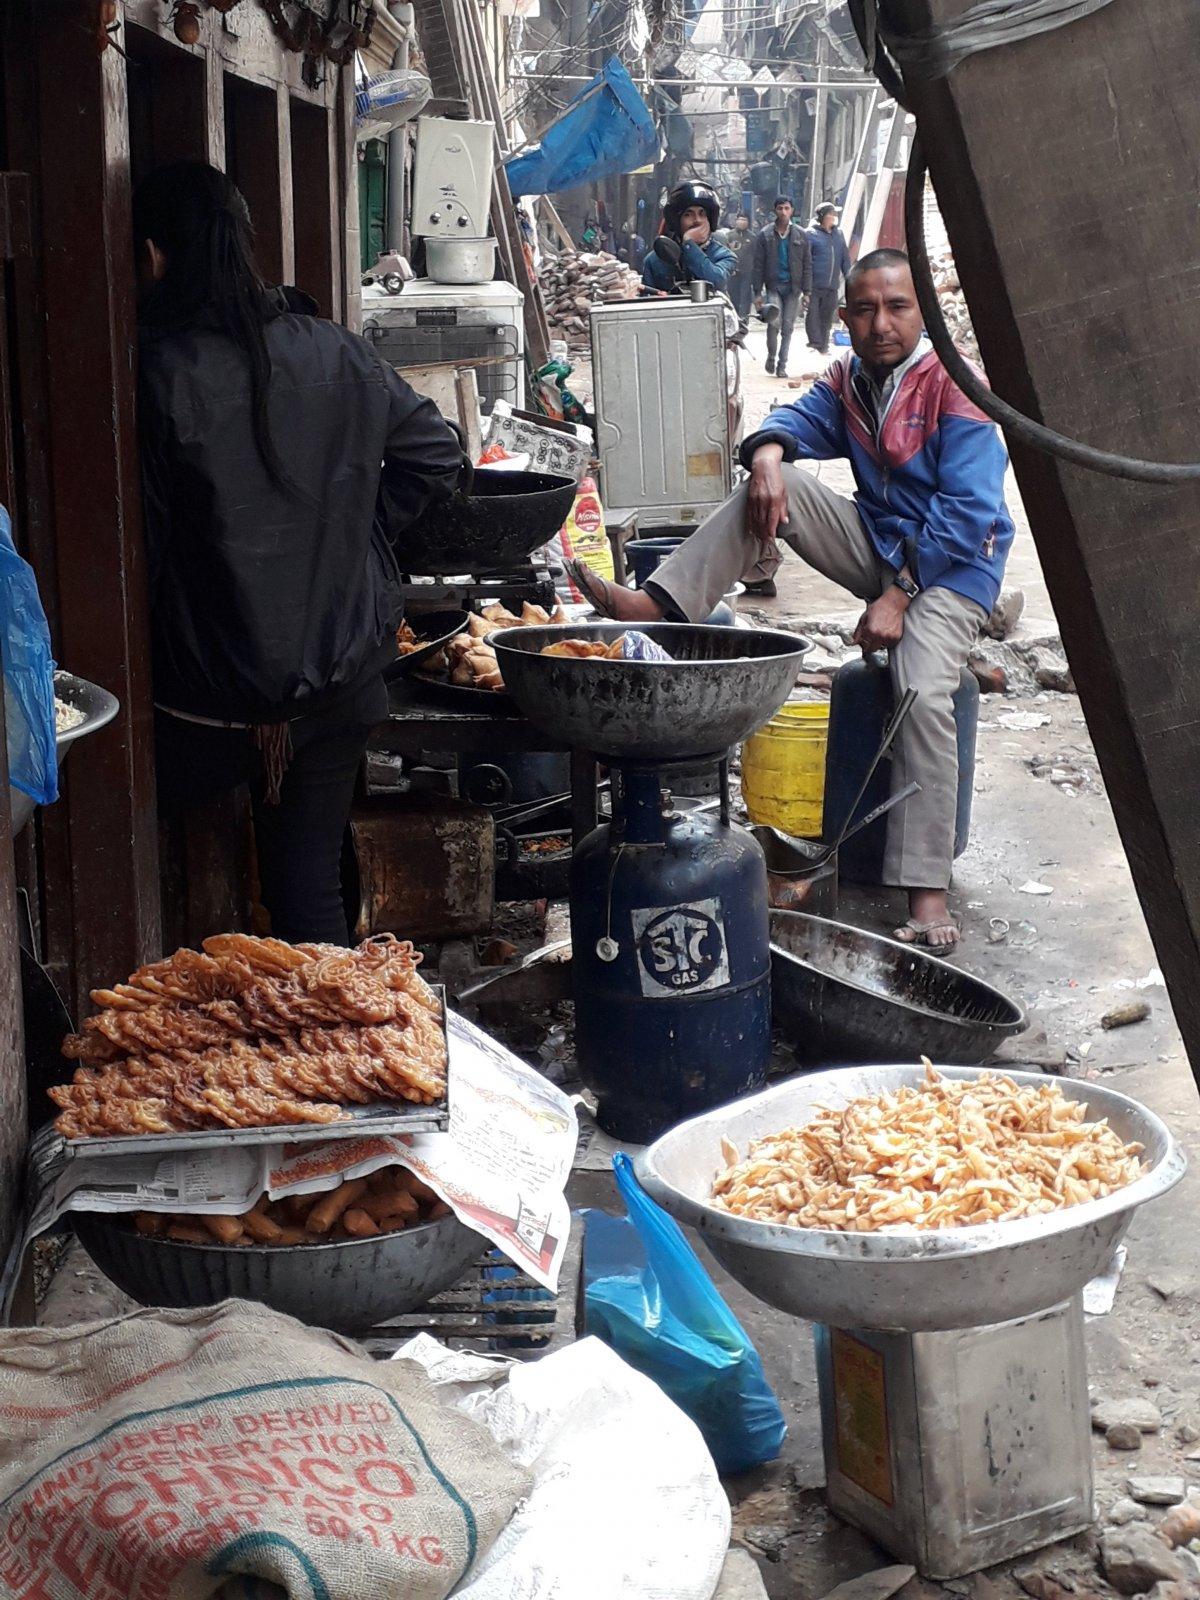 Hatalmas edényekben olajban sütik az utcán a hagyományos süteményeket •  Fotó: Kiss Judit